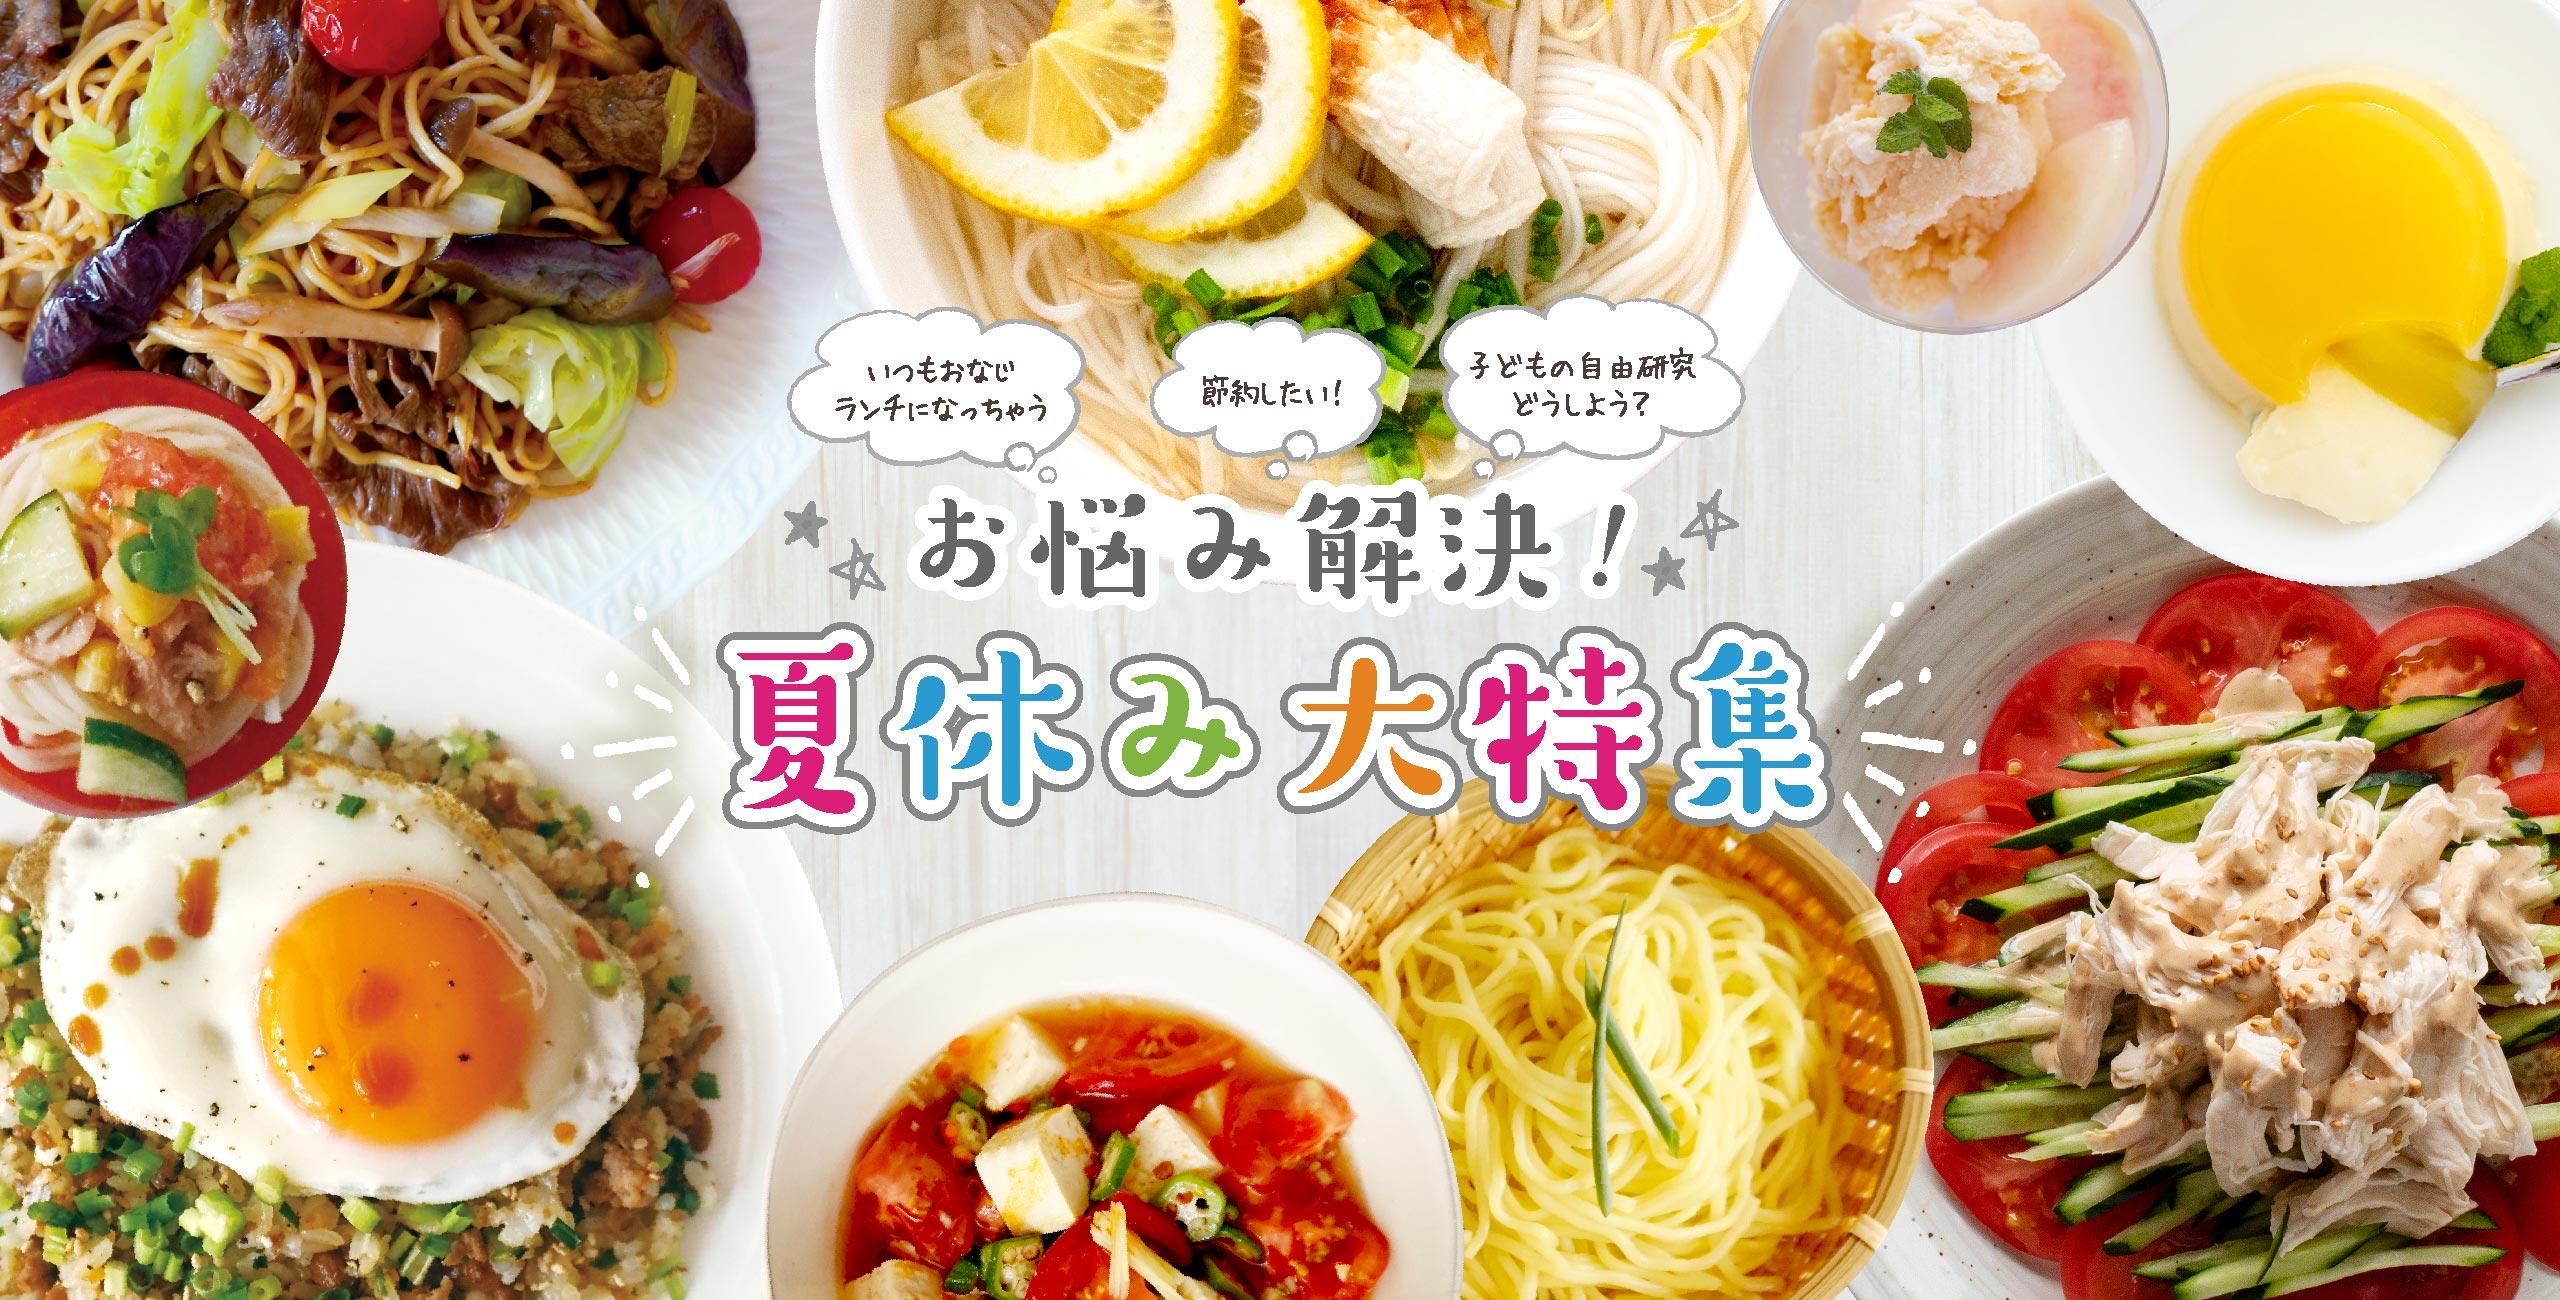 夏休みの【お昼ご飯・節約・自由研究】お悩み解決レシピ特集